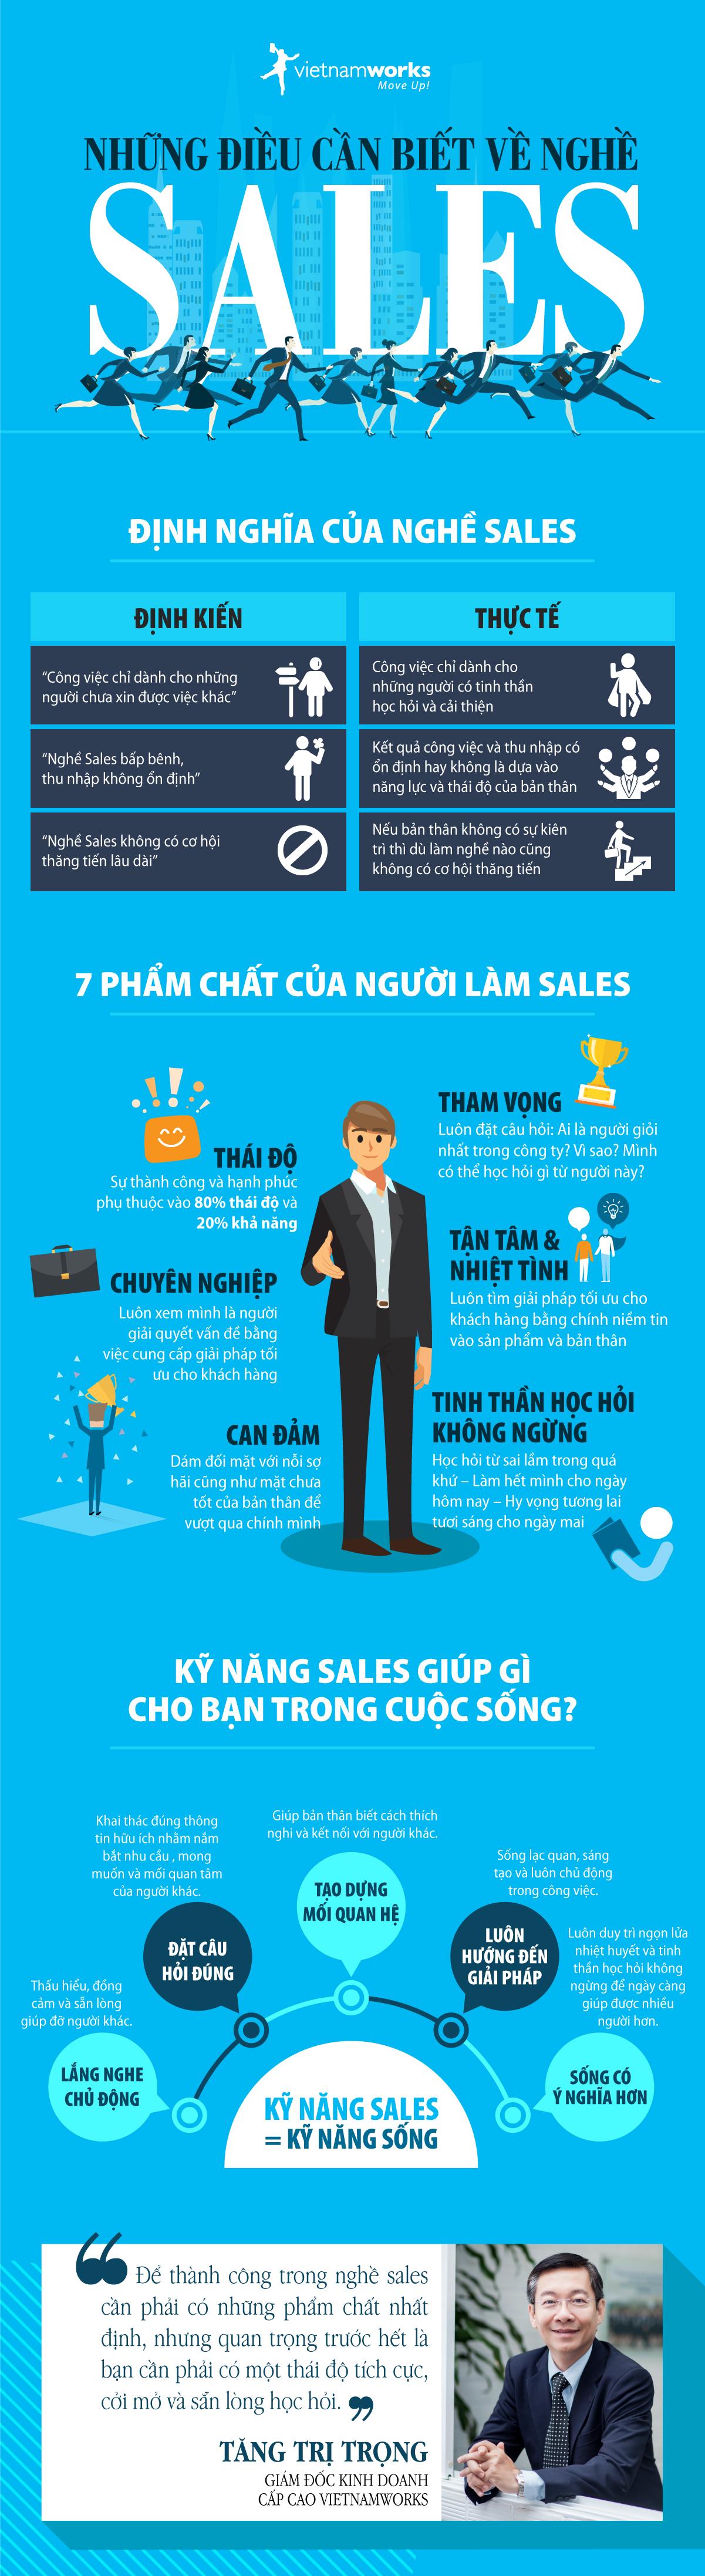 Những điều cần biết về nghề sales